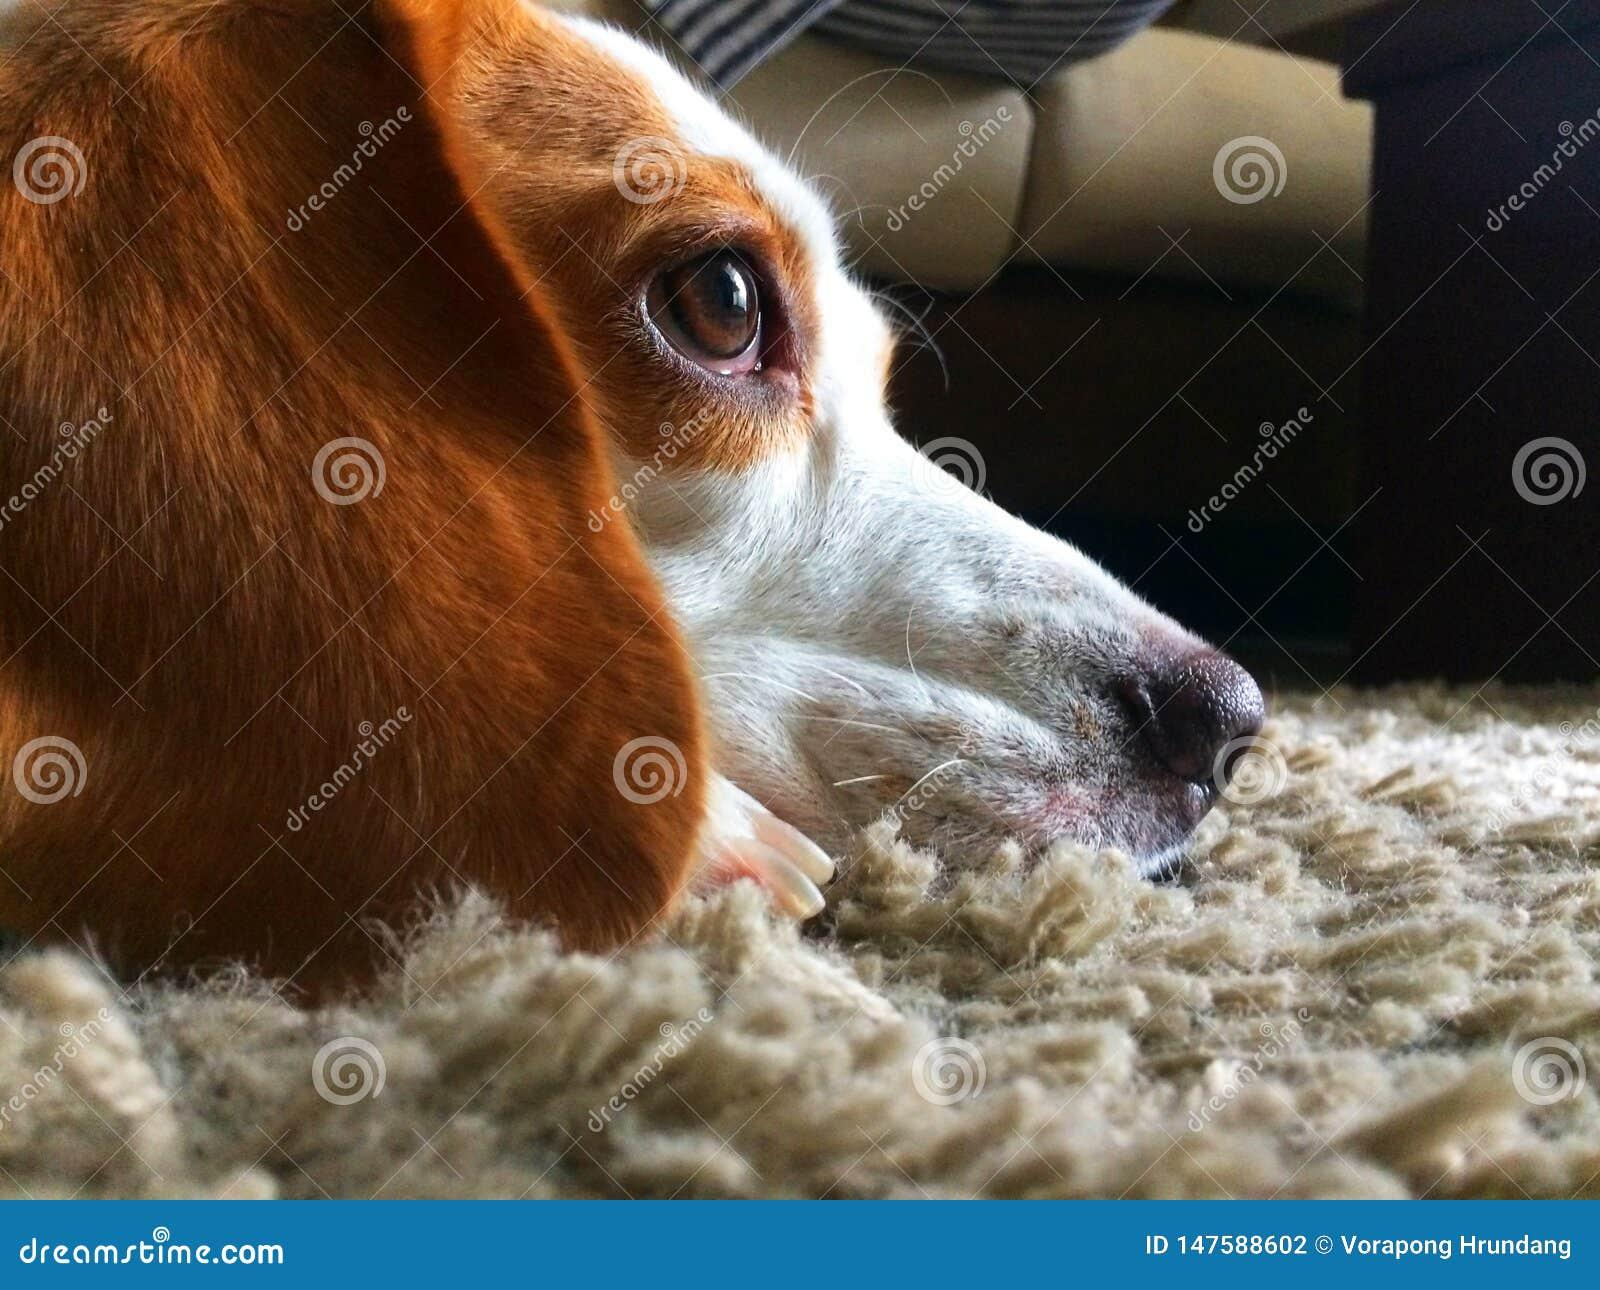 De hond kijkt vooruit op het grijze tapijt